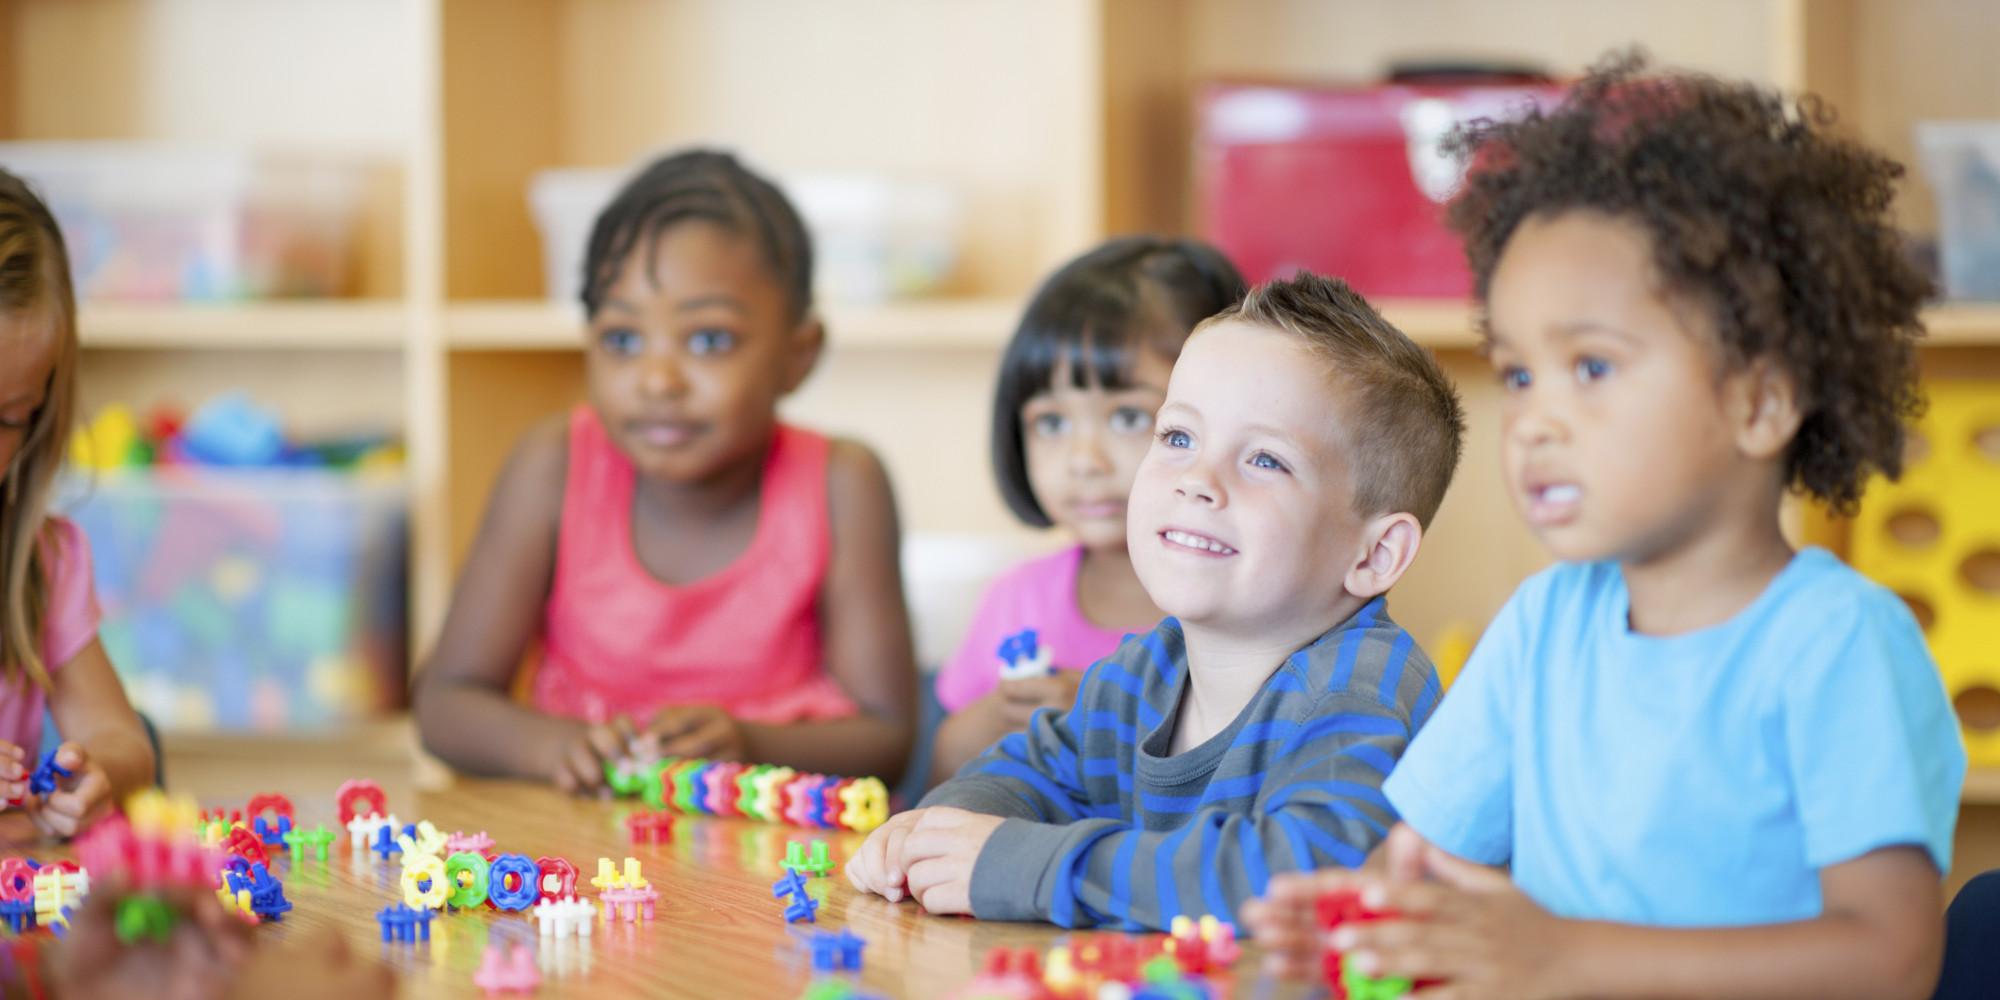 Teaching Kids Gender In Elementary School